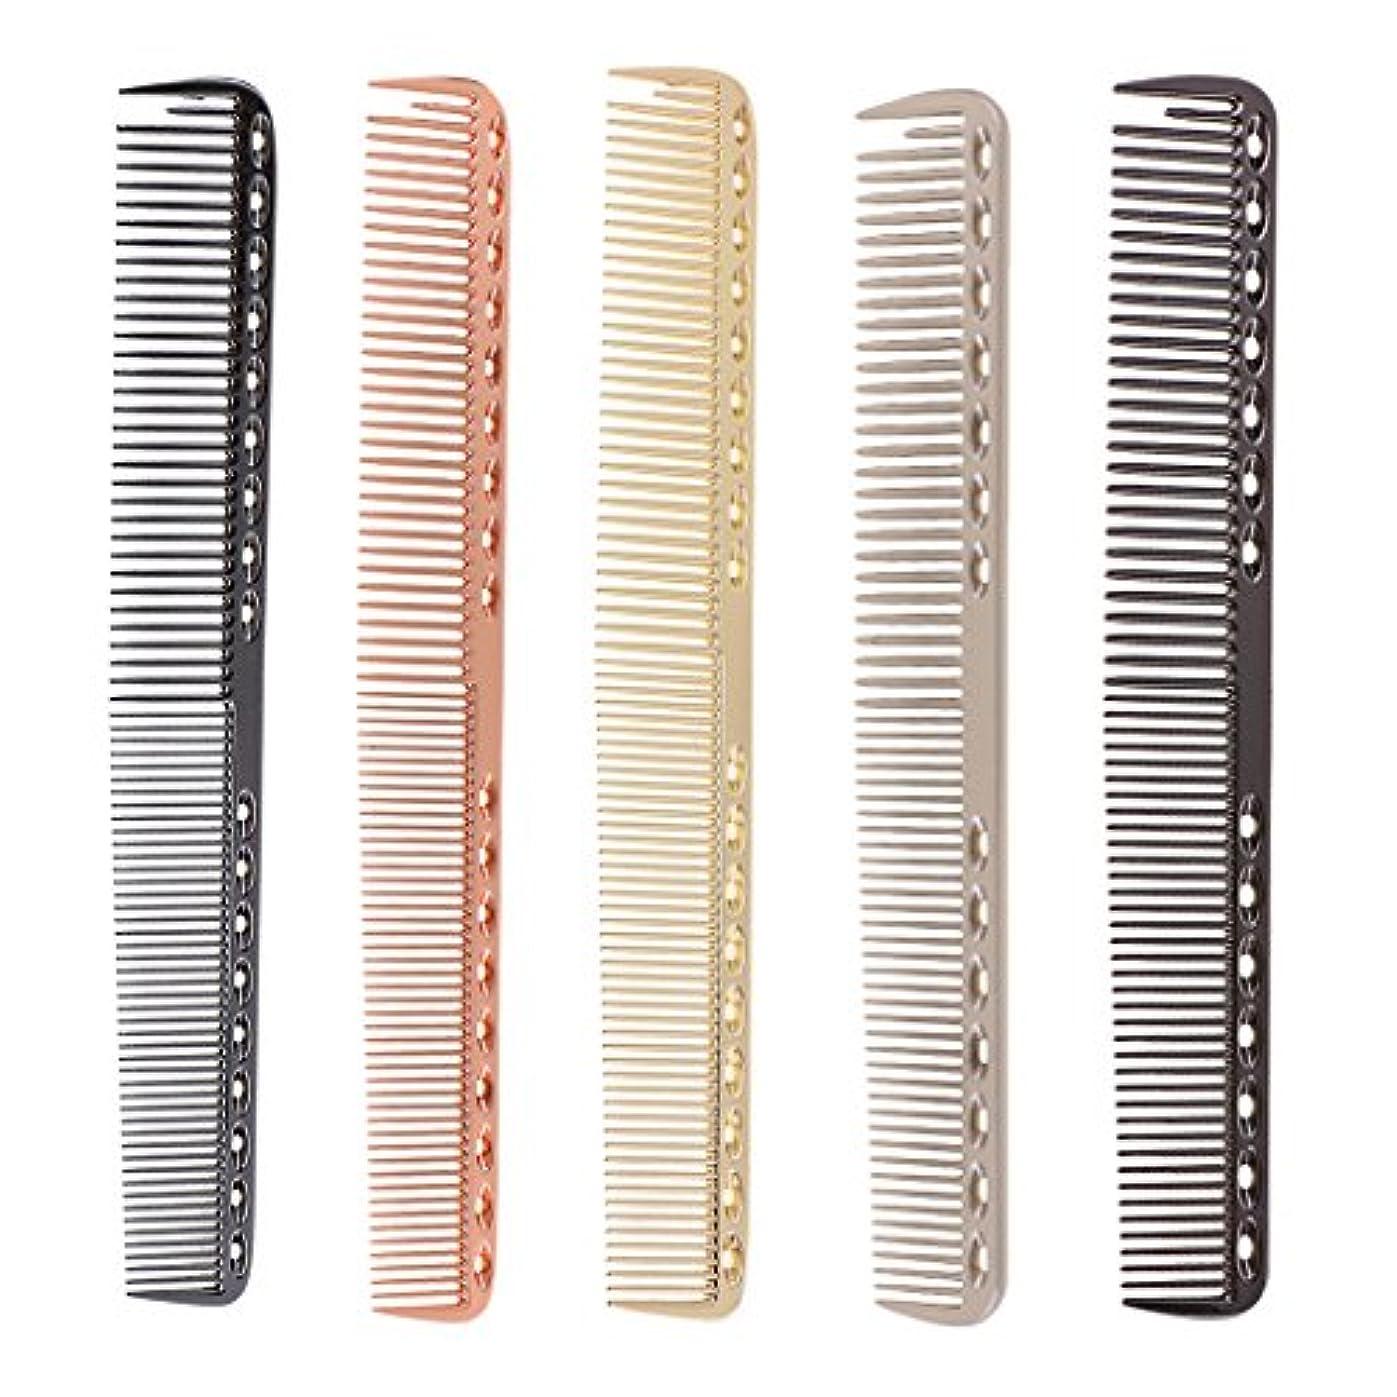 髄クリエイティブ段落Kesoto 5個入り 髪の櫛 櫛 超軽量 アルミ サロン 理髪師 ヘアカット ヘアカッティング